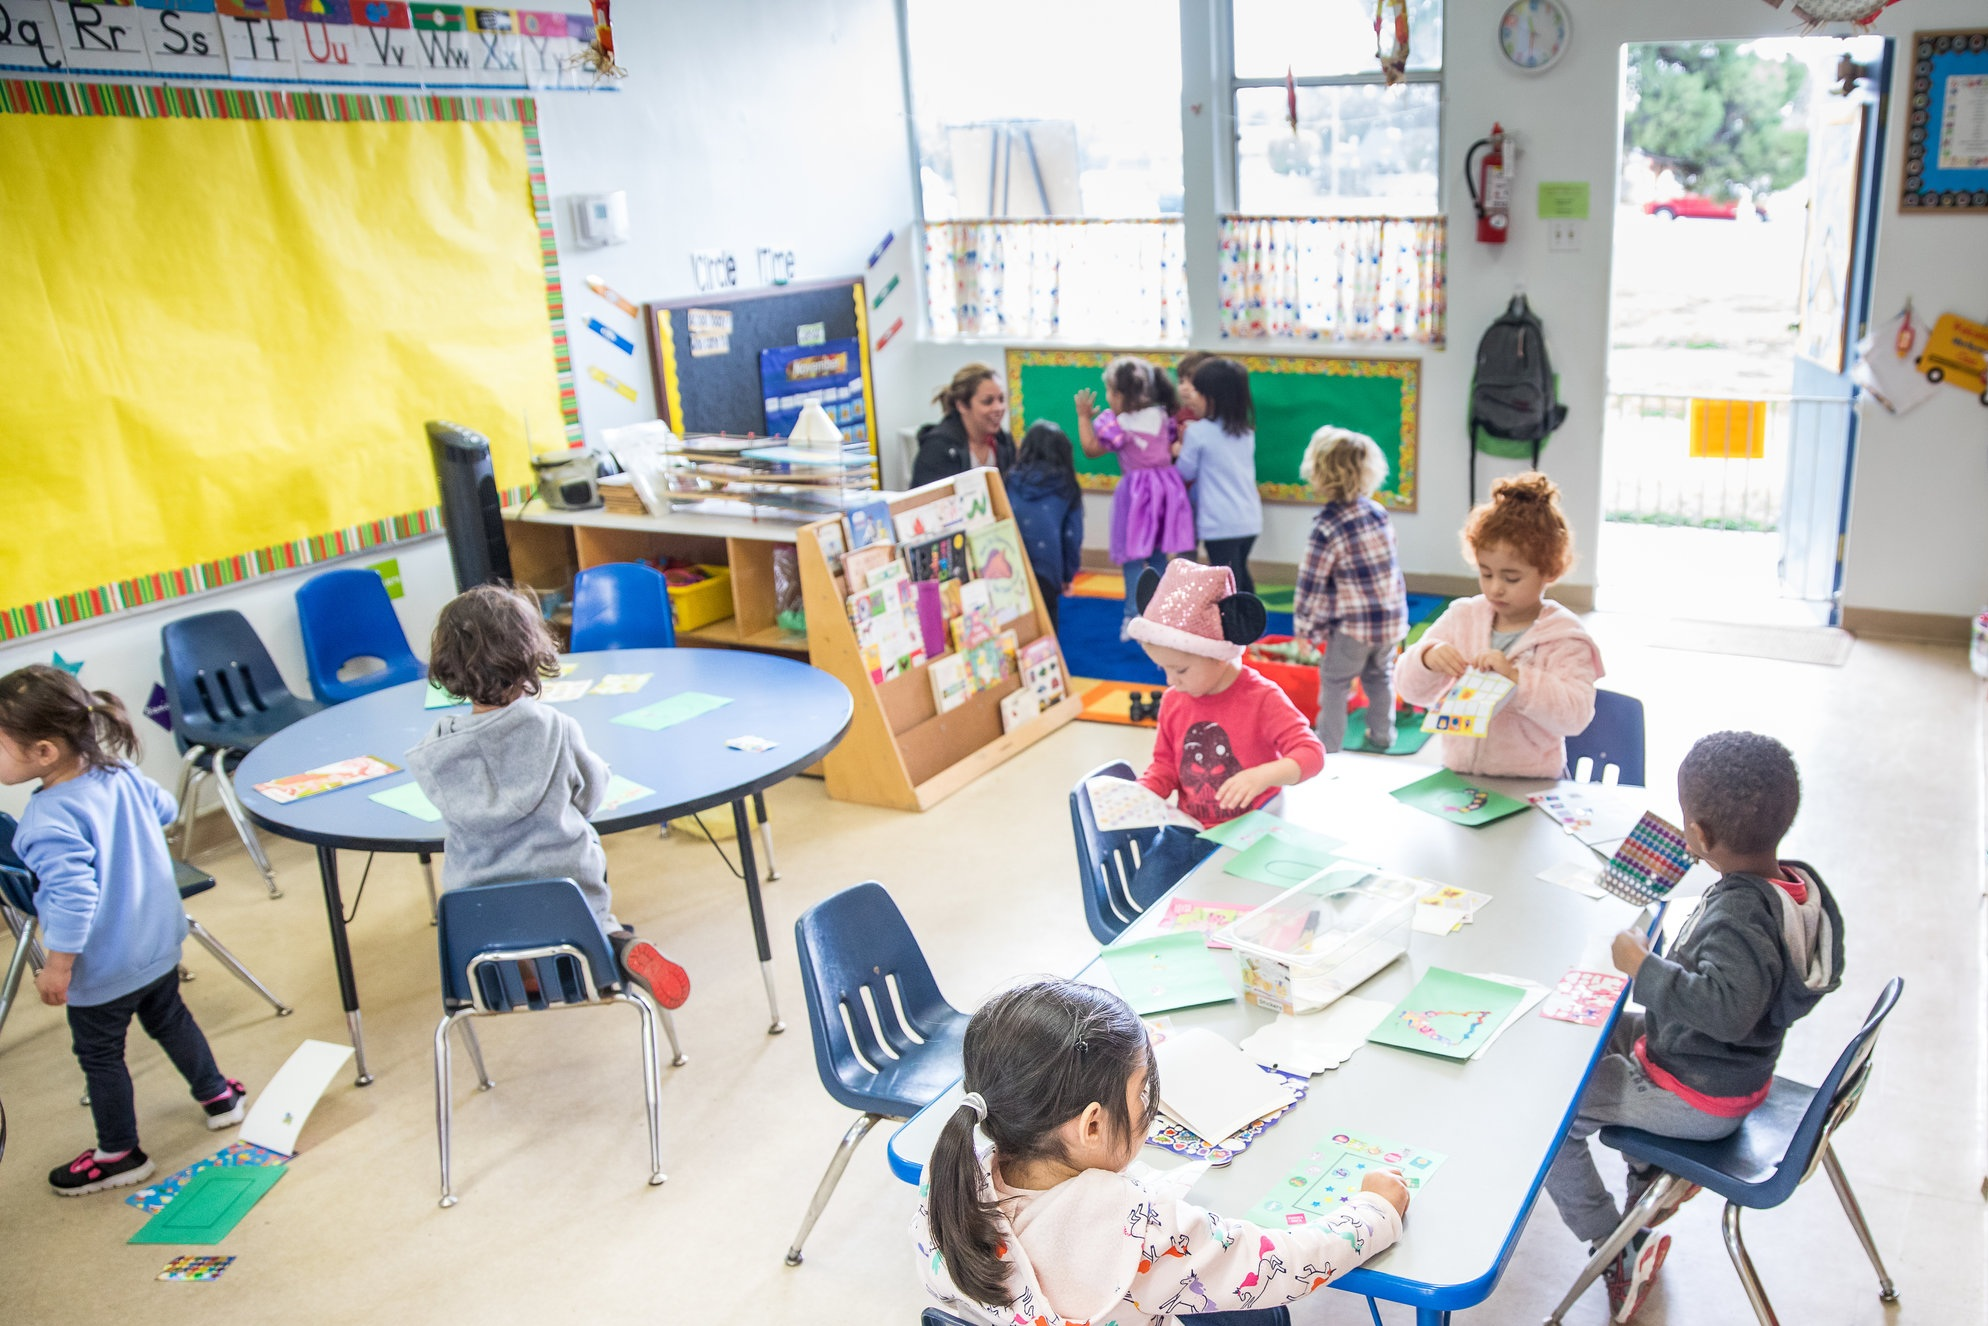 coop+nursery+preschool+classroom